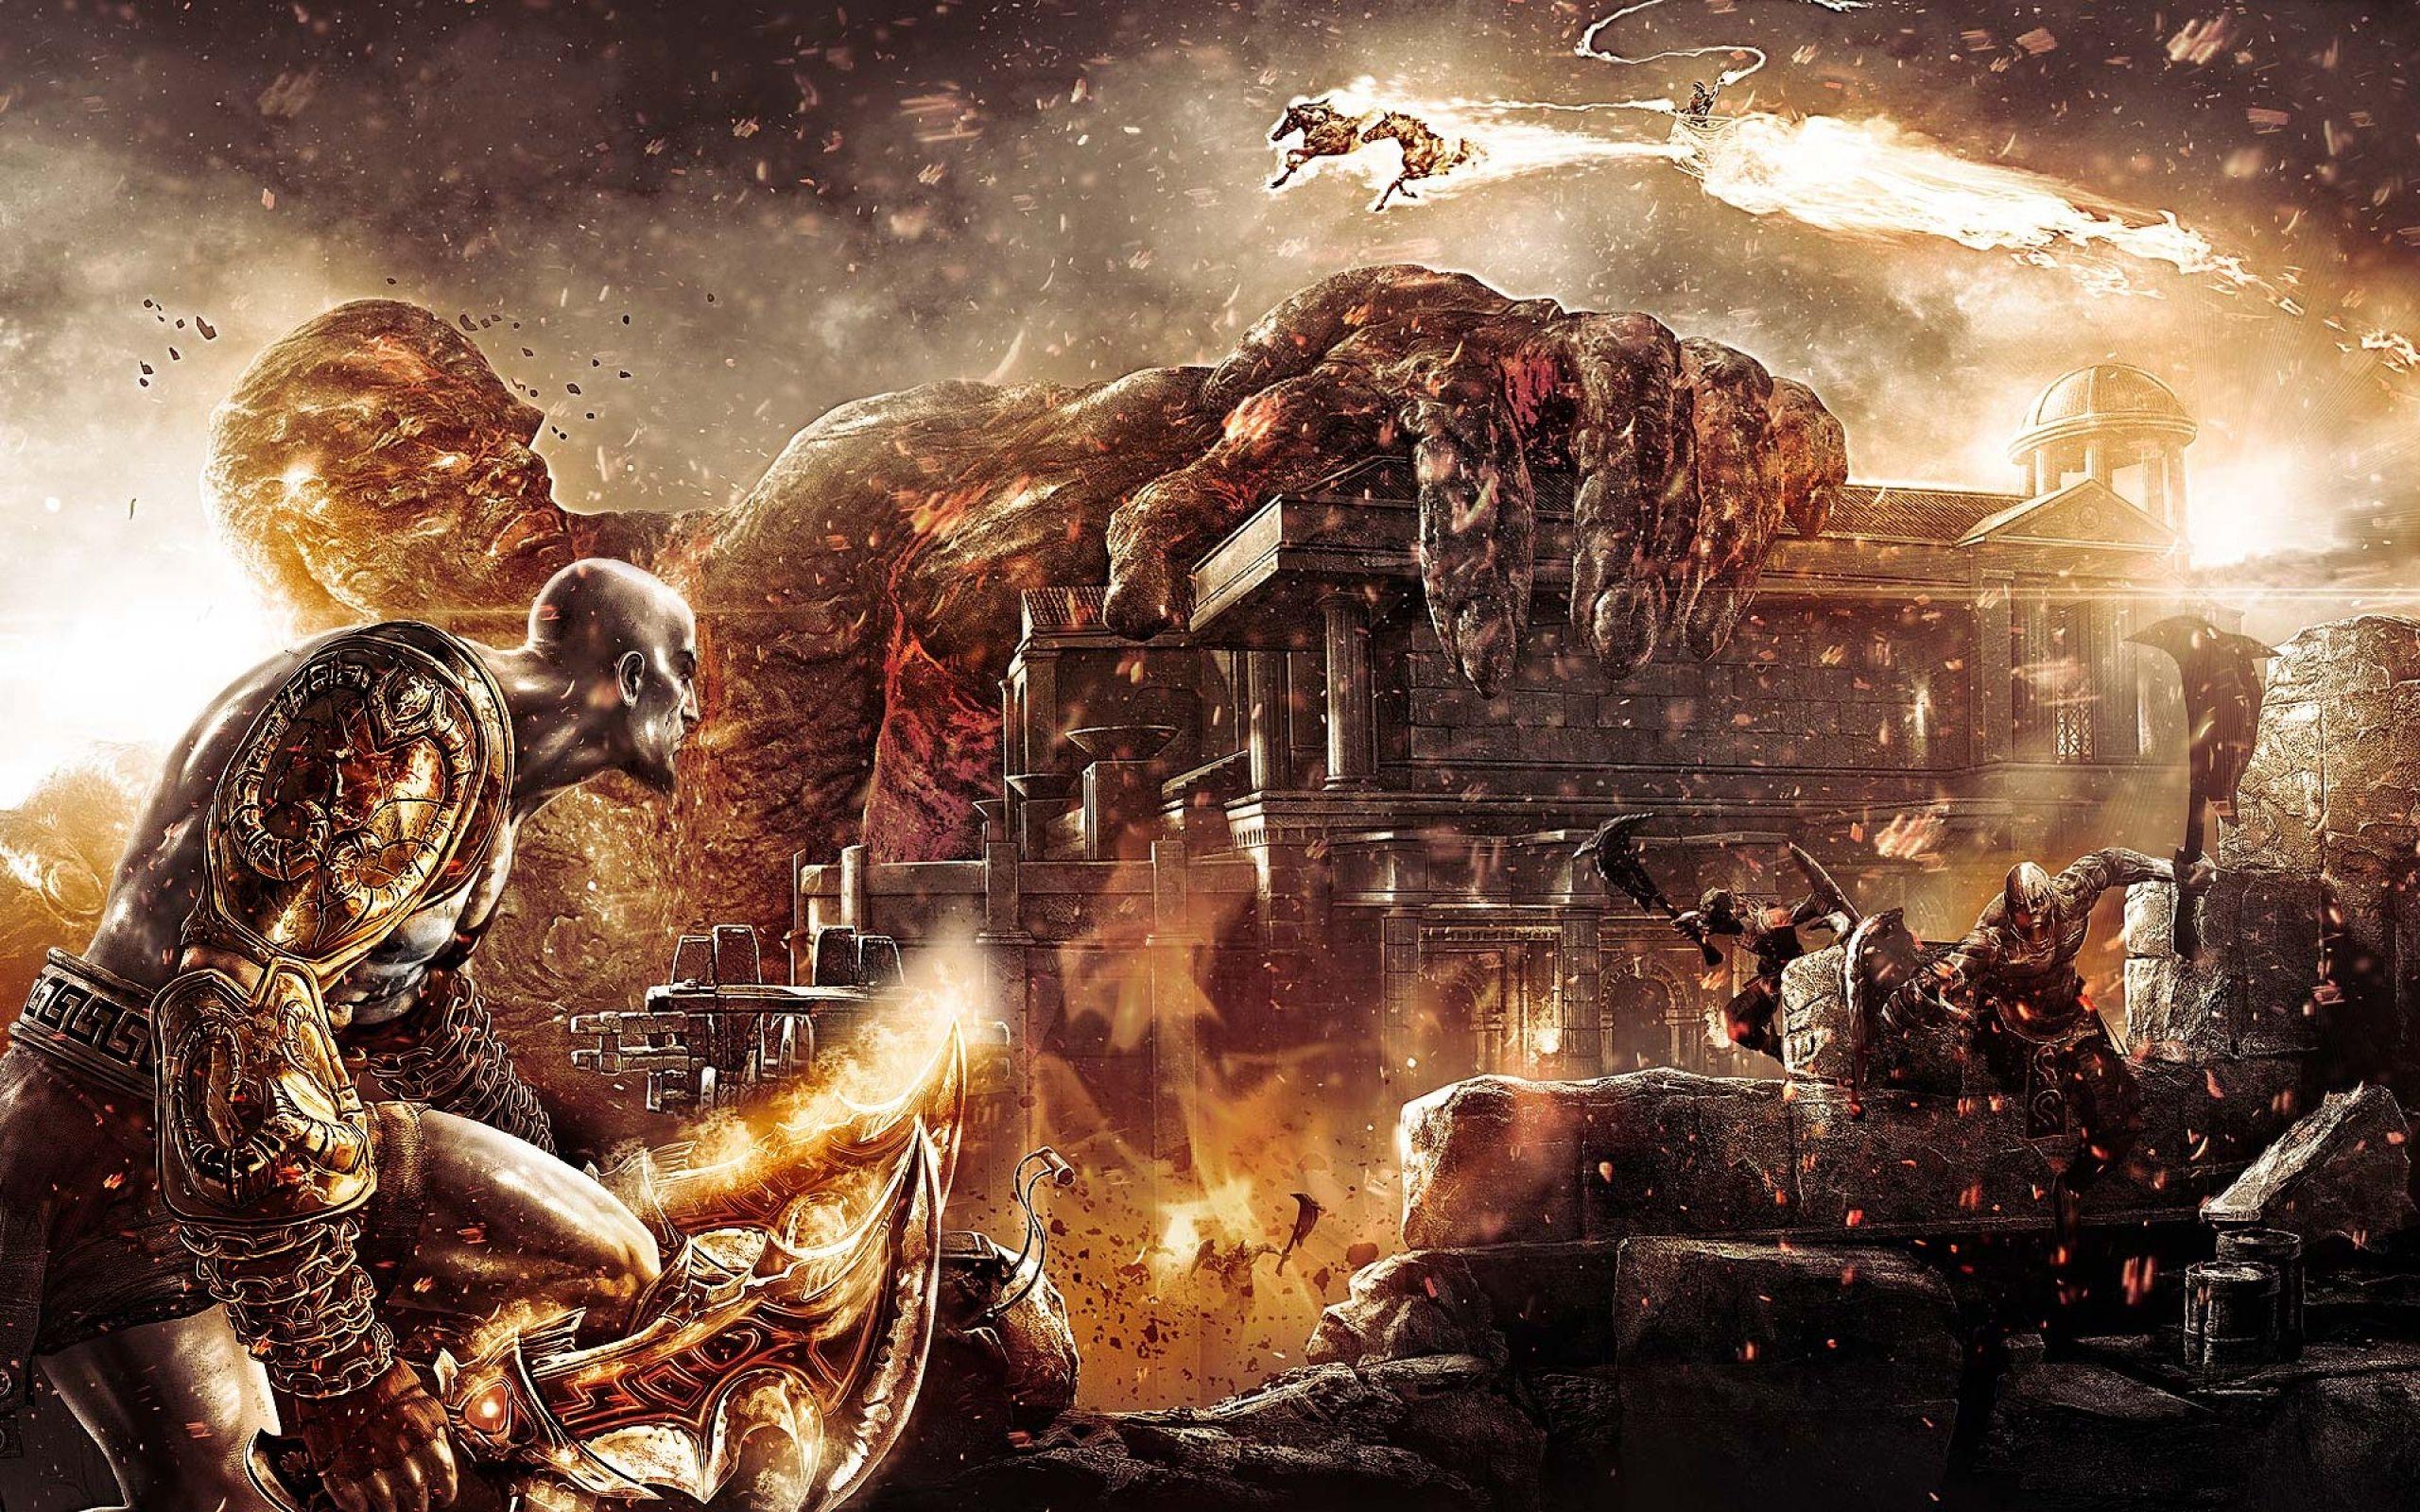 Ragnarok God Of War Hd Hd Wallpaper God Of War Wallpapers War Wallpapers God Of War Wallpaper